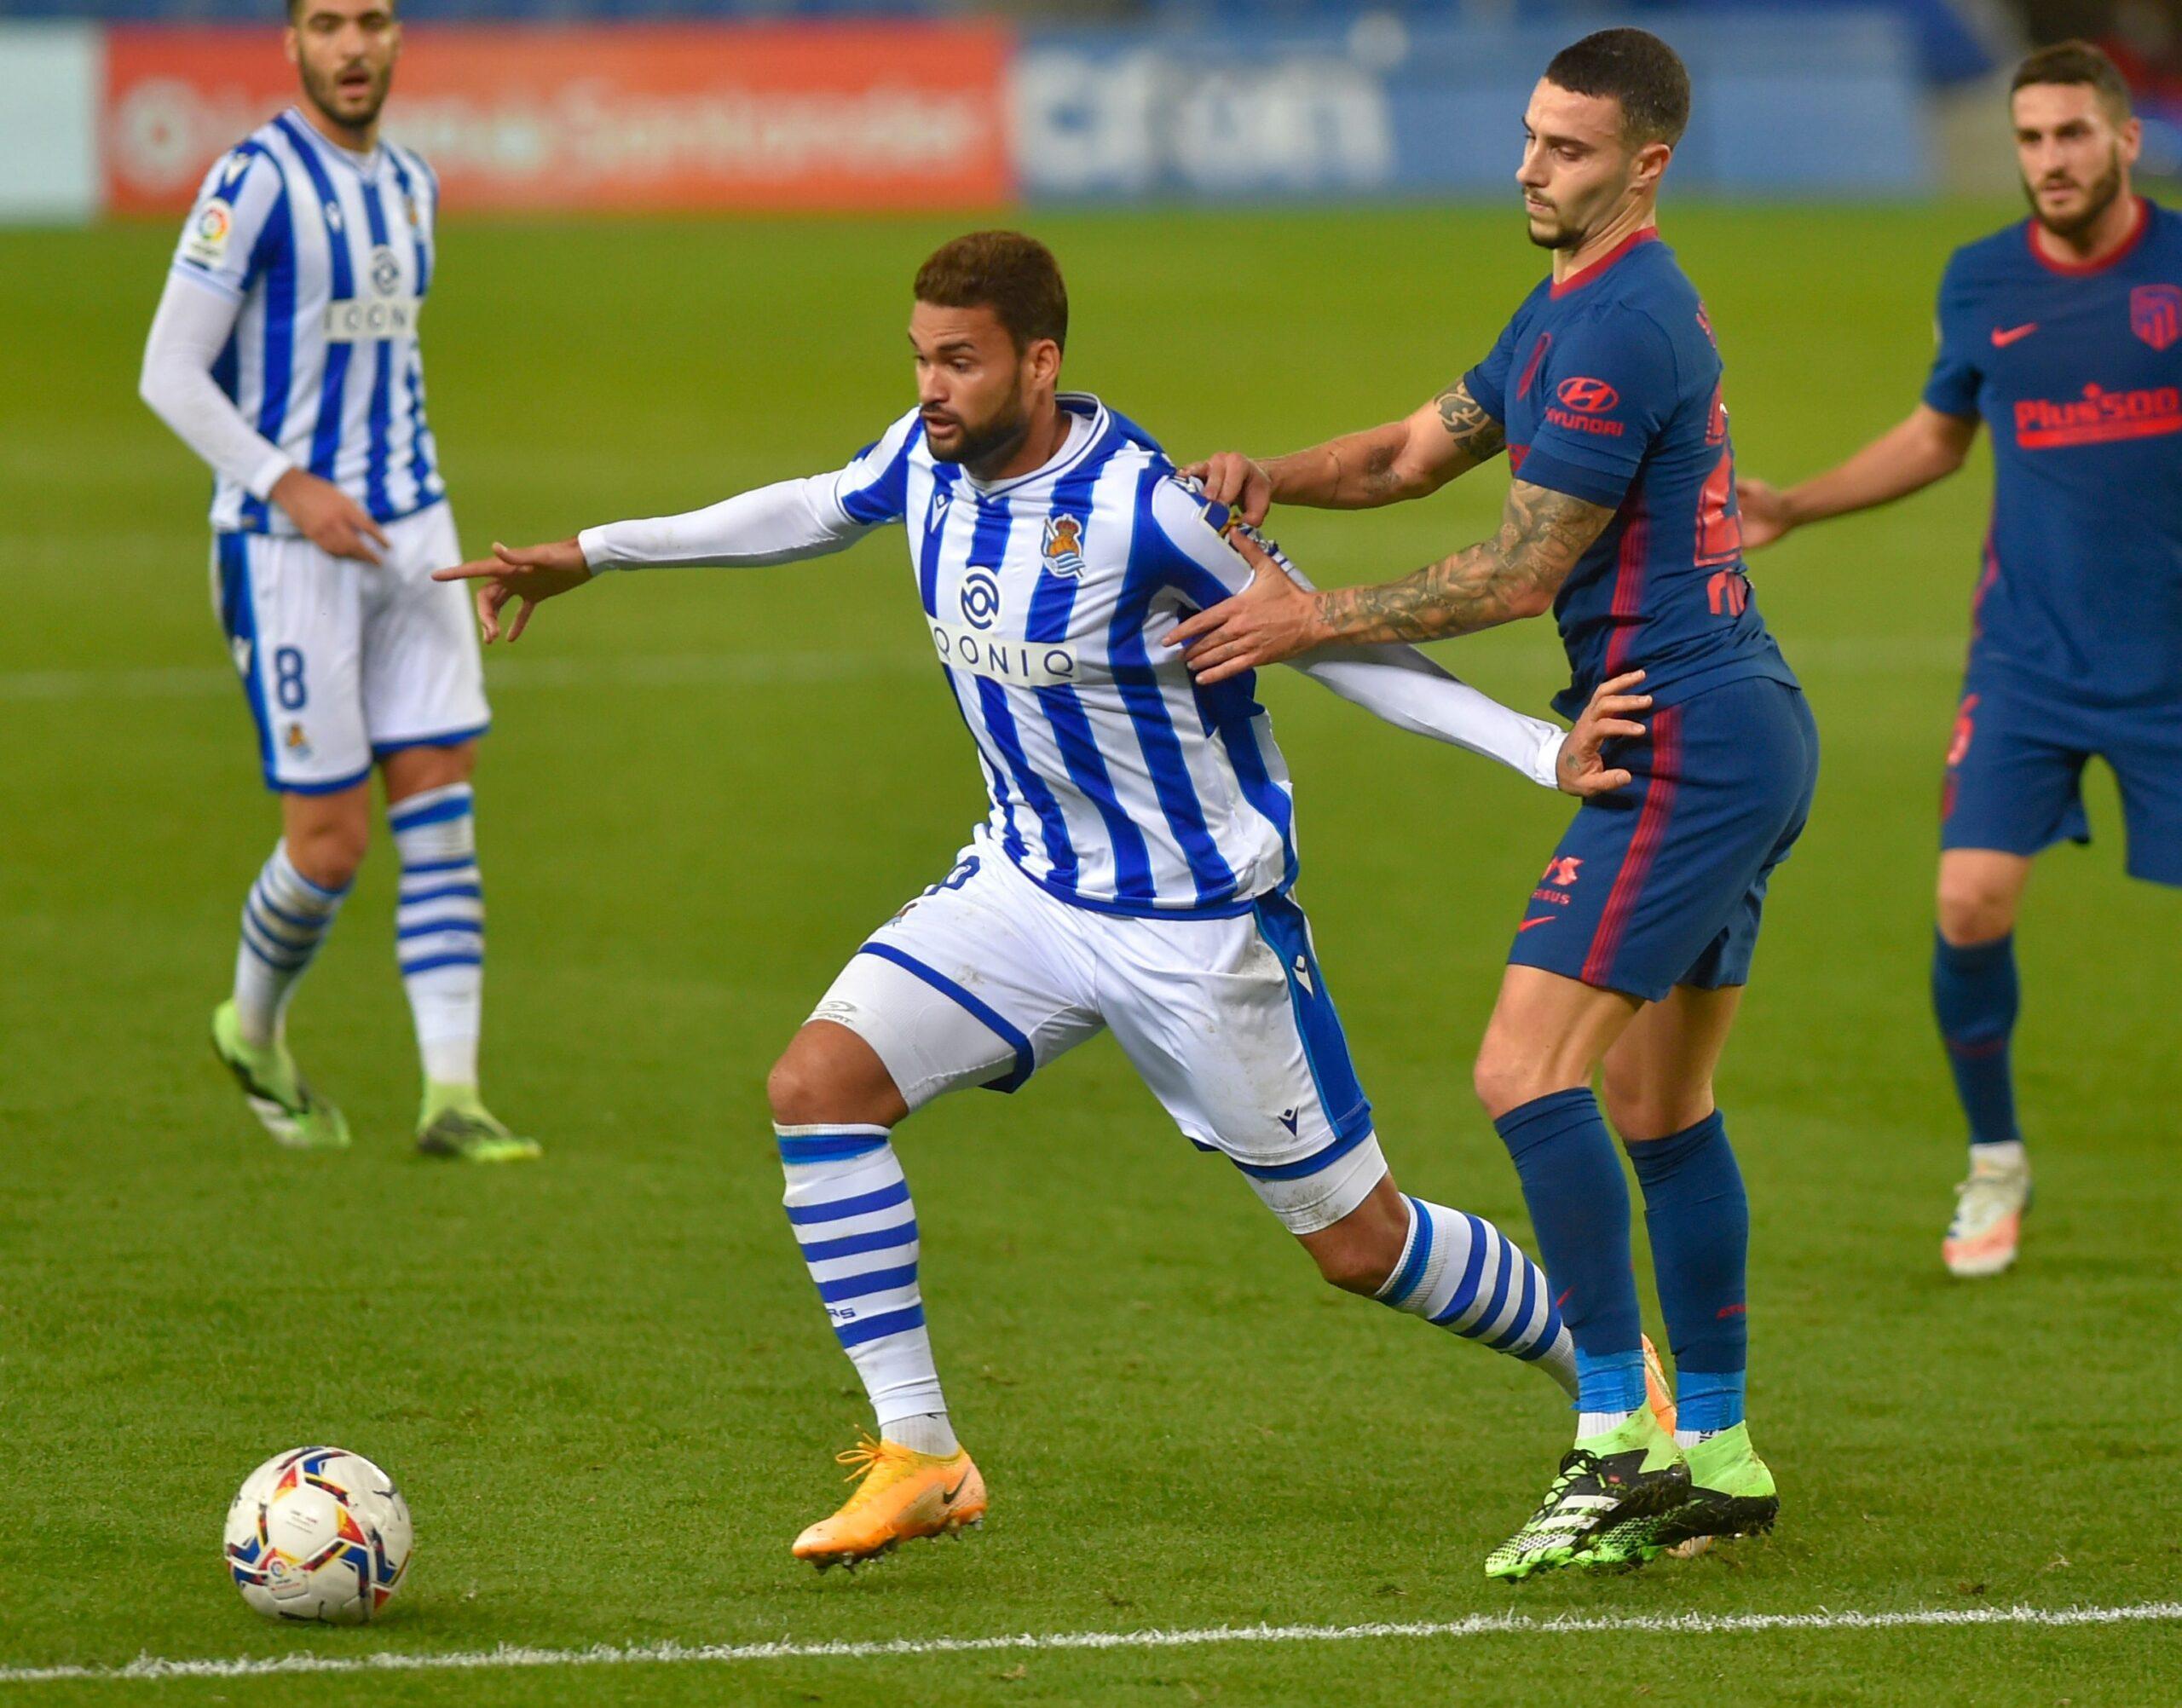 Fichajes: Las 4 alternativas reales del Atlético para la delantera según okdiario